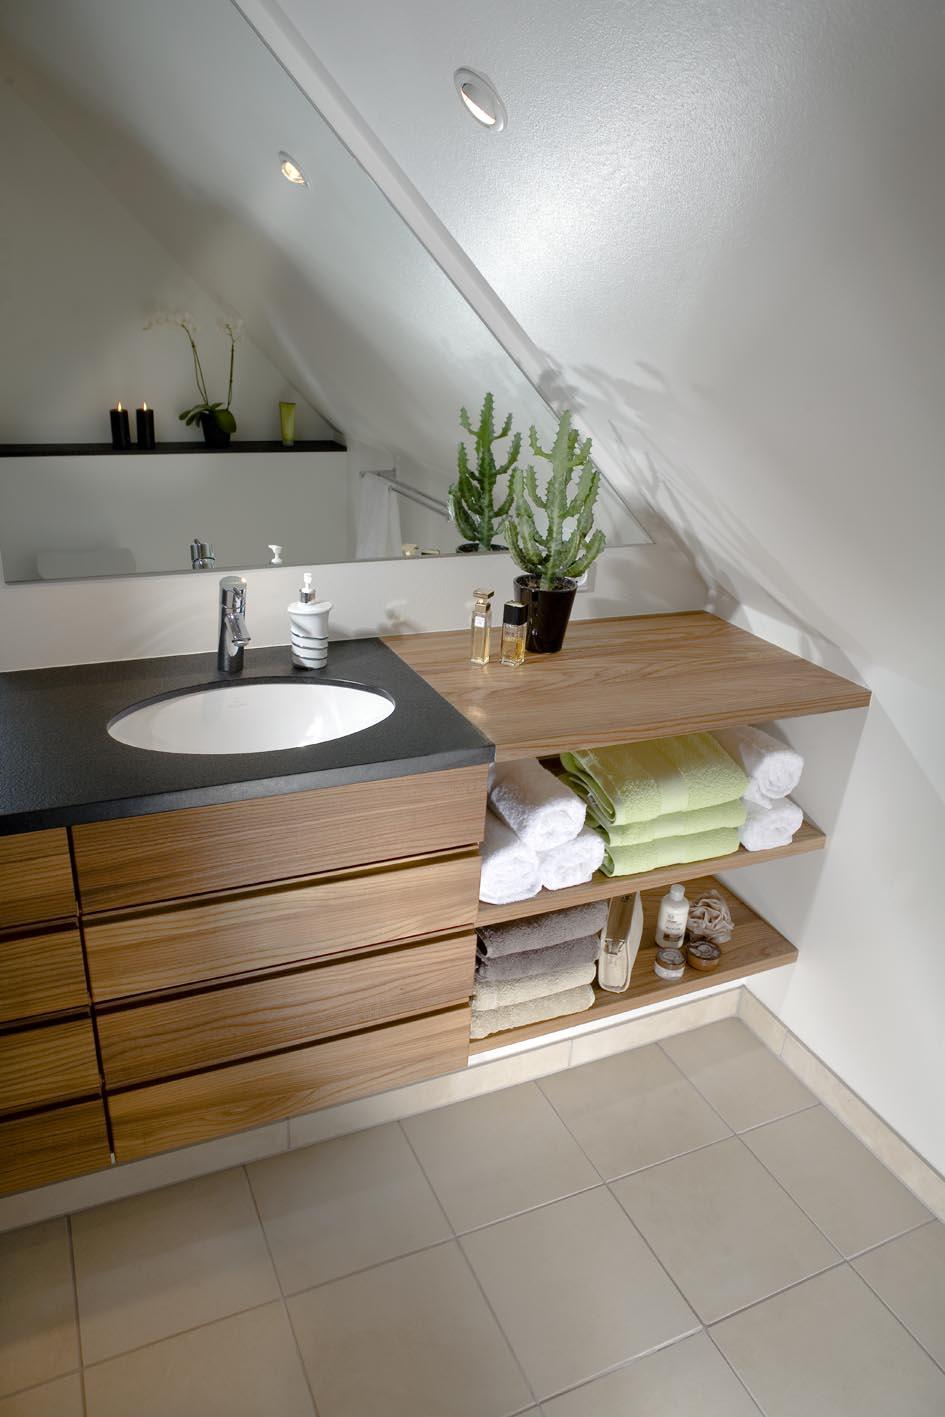 Lækkert badeværelse med specialdesignede møbler